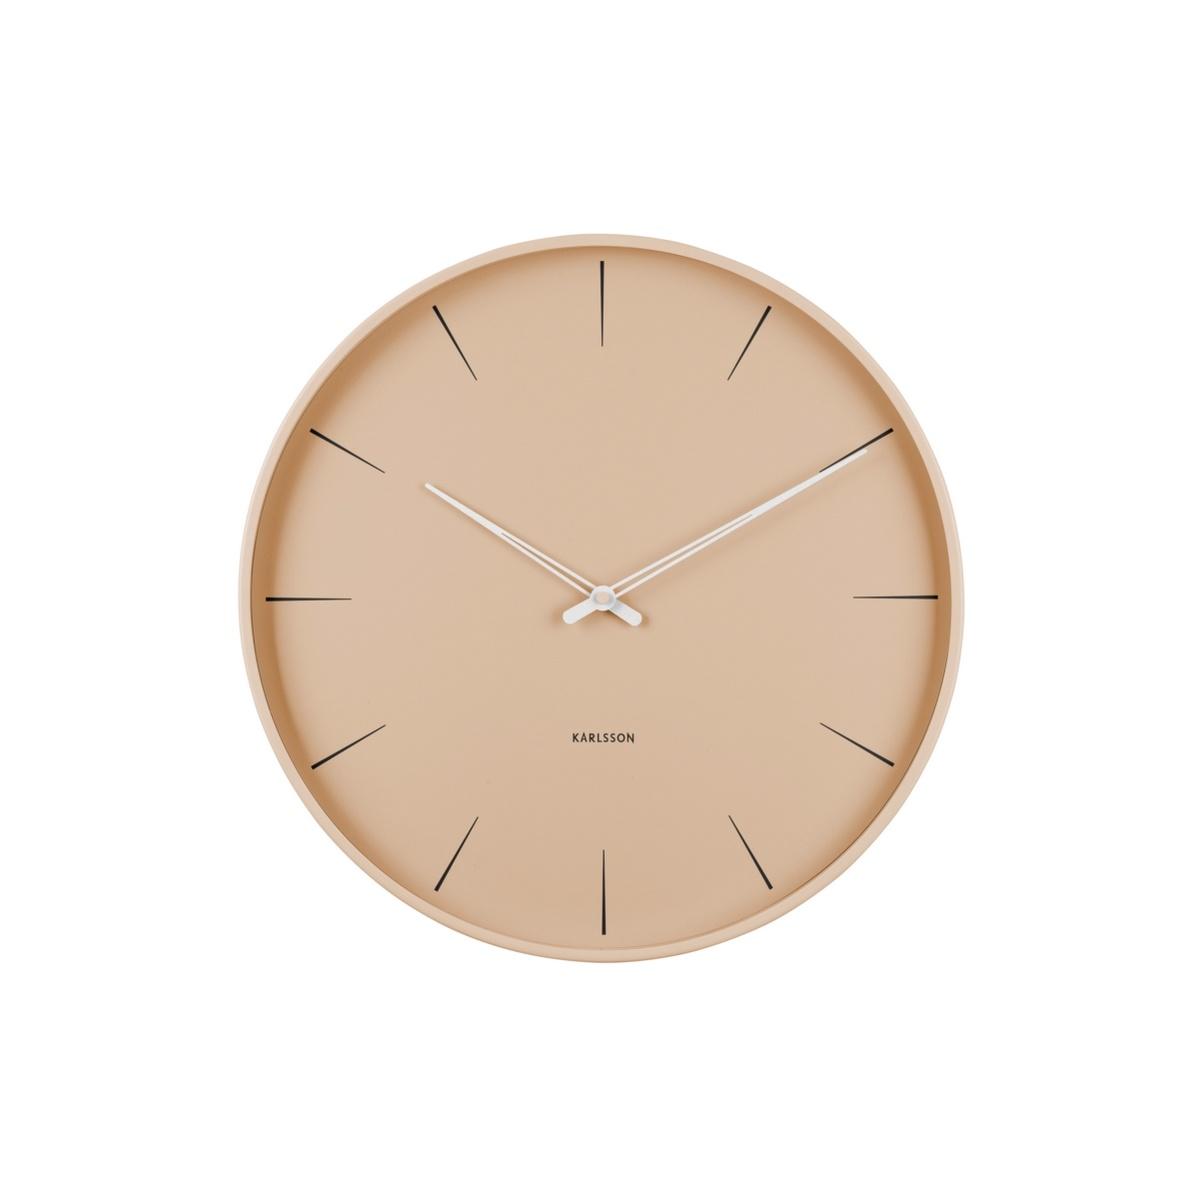 Karlsson Designové nástěnné hodiny KA5834BR